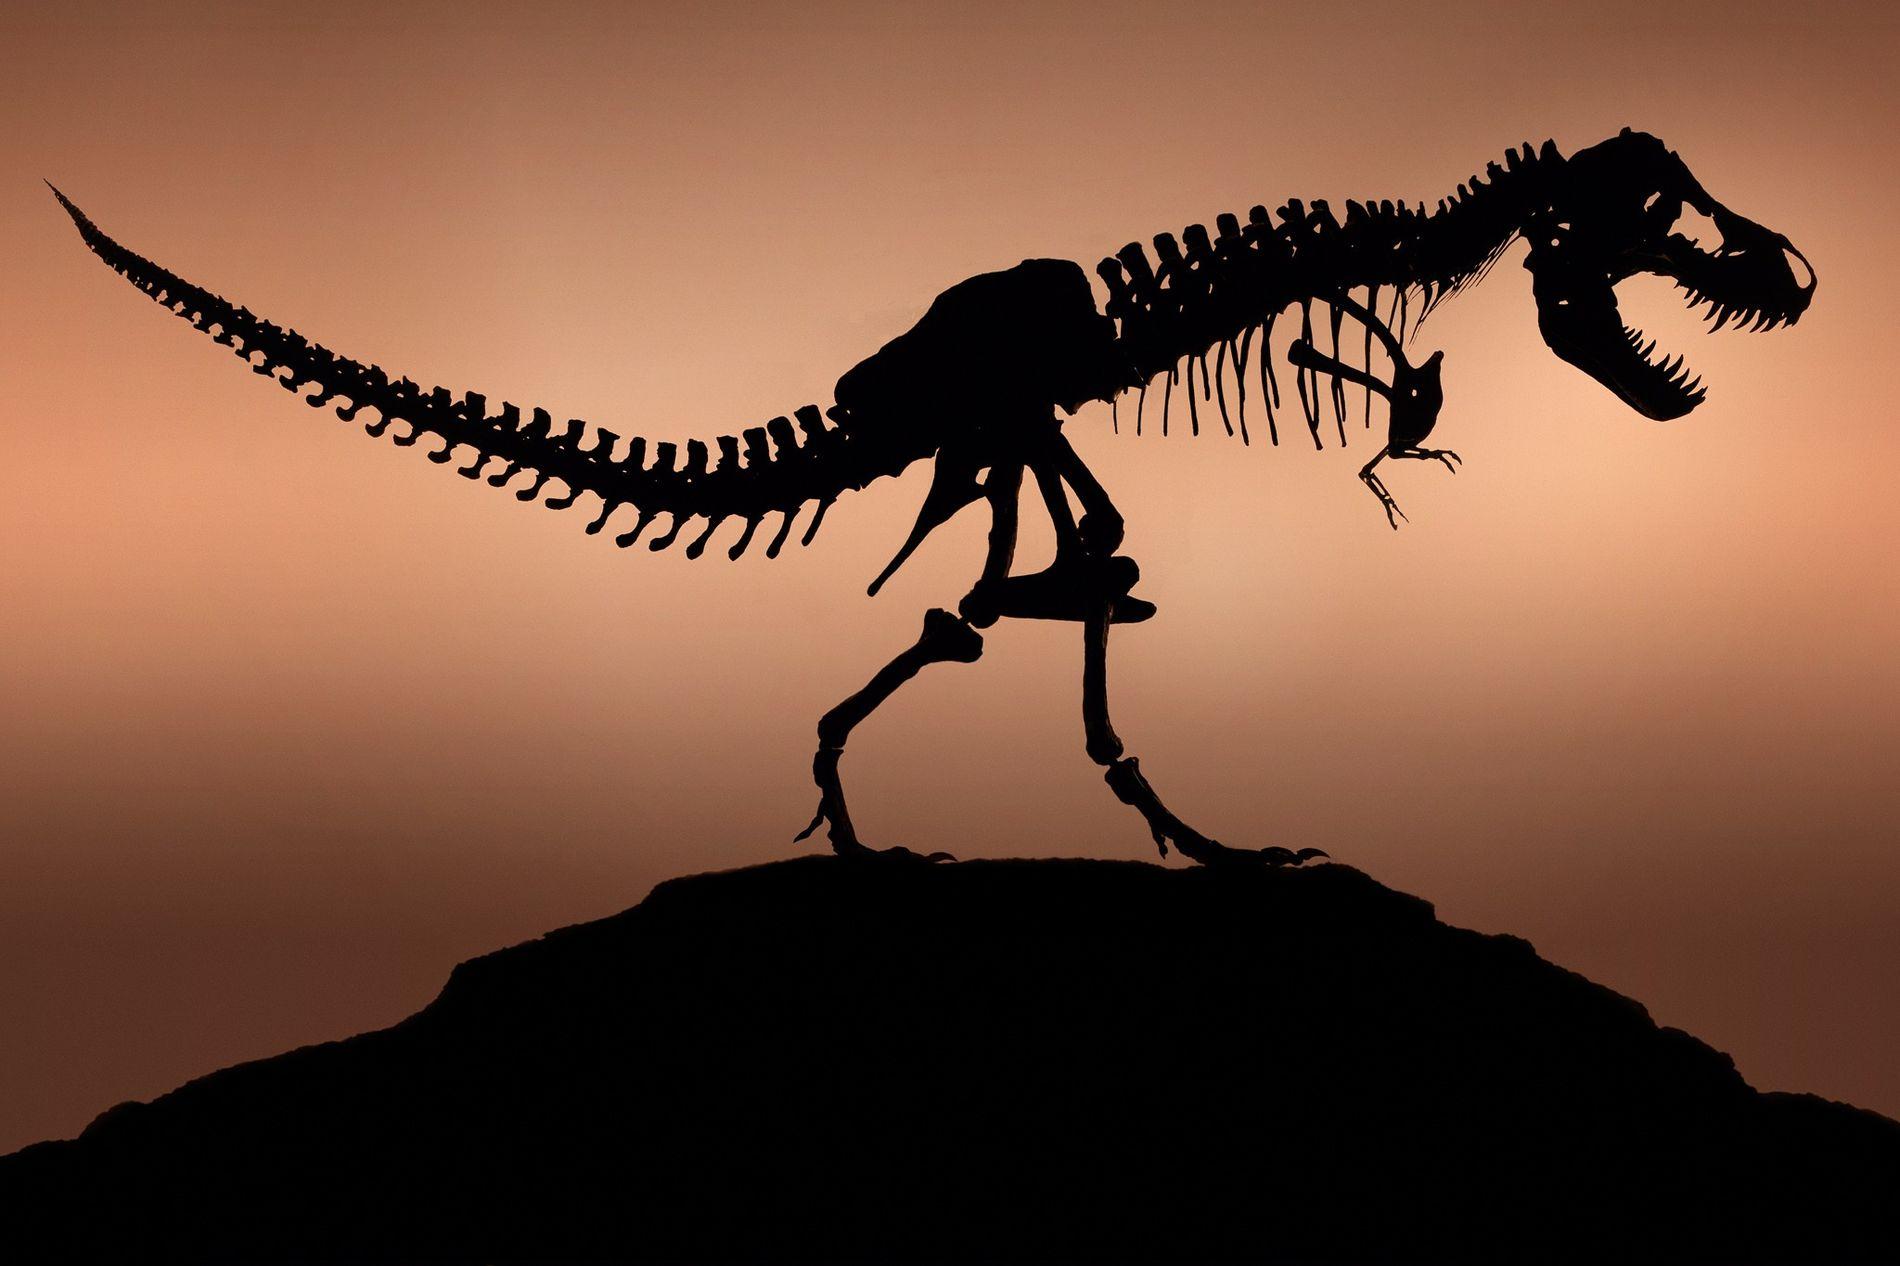 Selon les experts, Jurassic Park offre la meilleure représentation cinématographique du Tyrannosaurus Rex à ce jour. ...